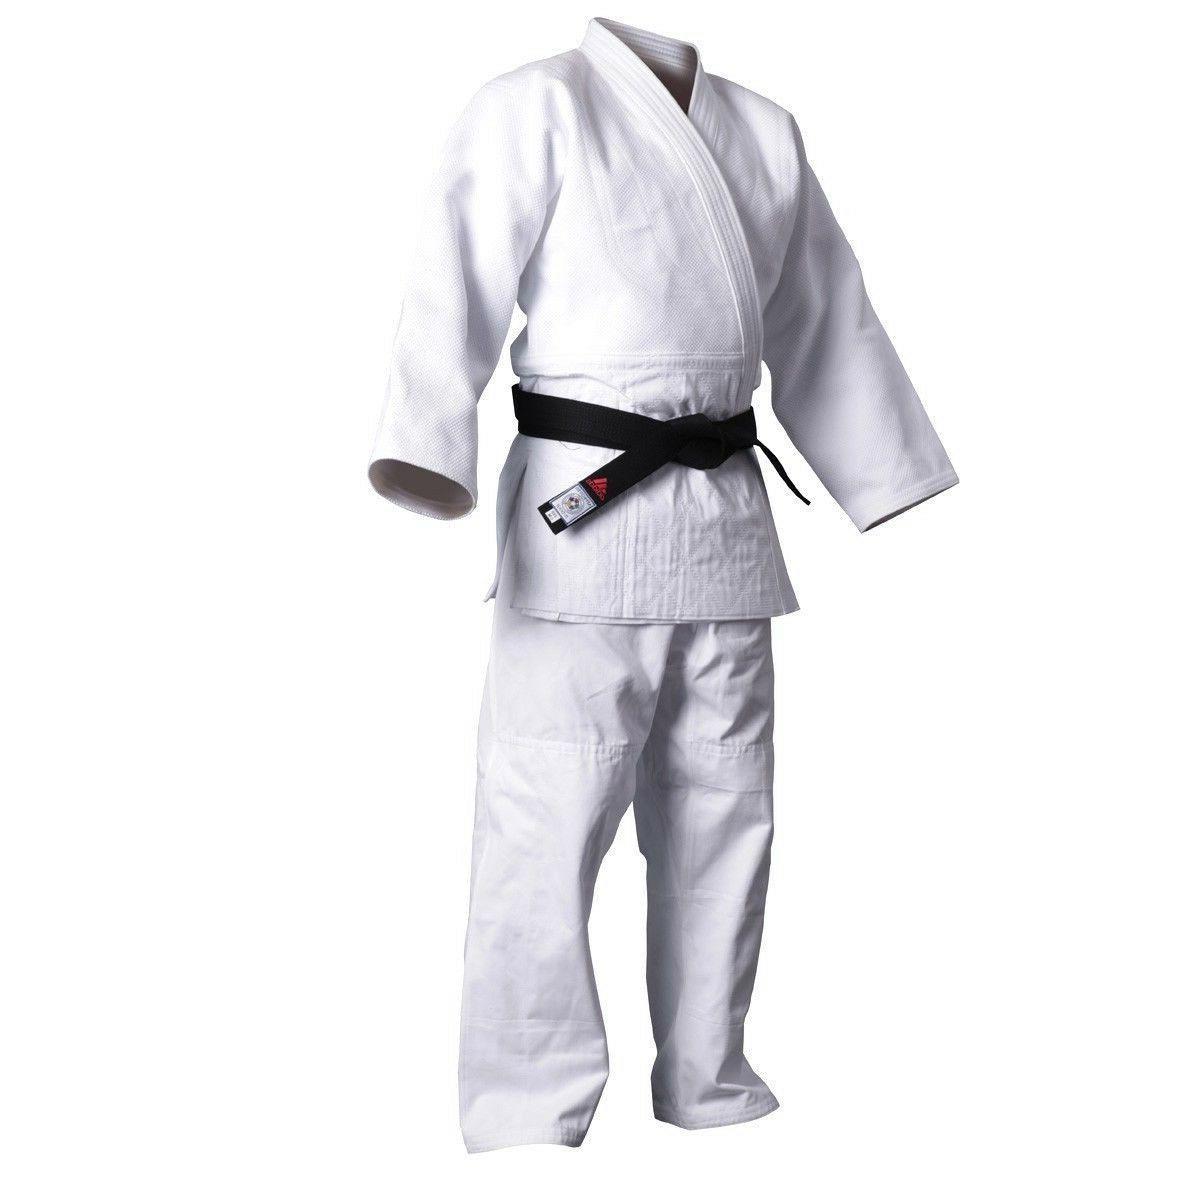 New adidas Judo Training White Gi Uniform Single Weave 100%